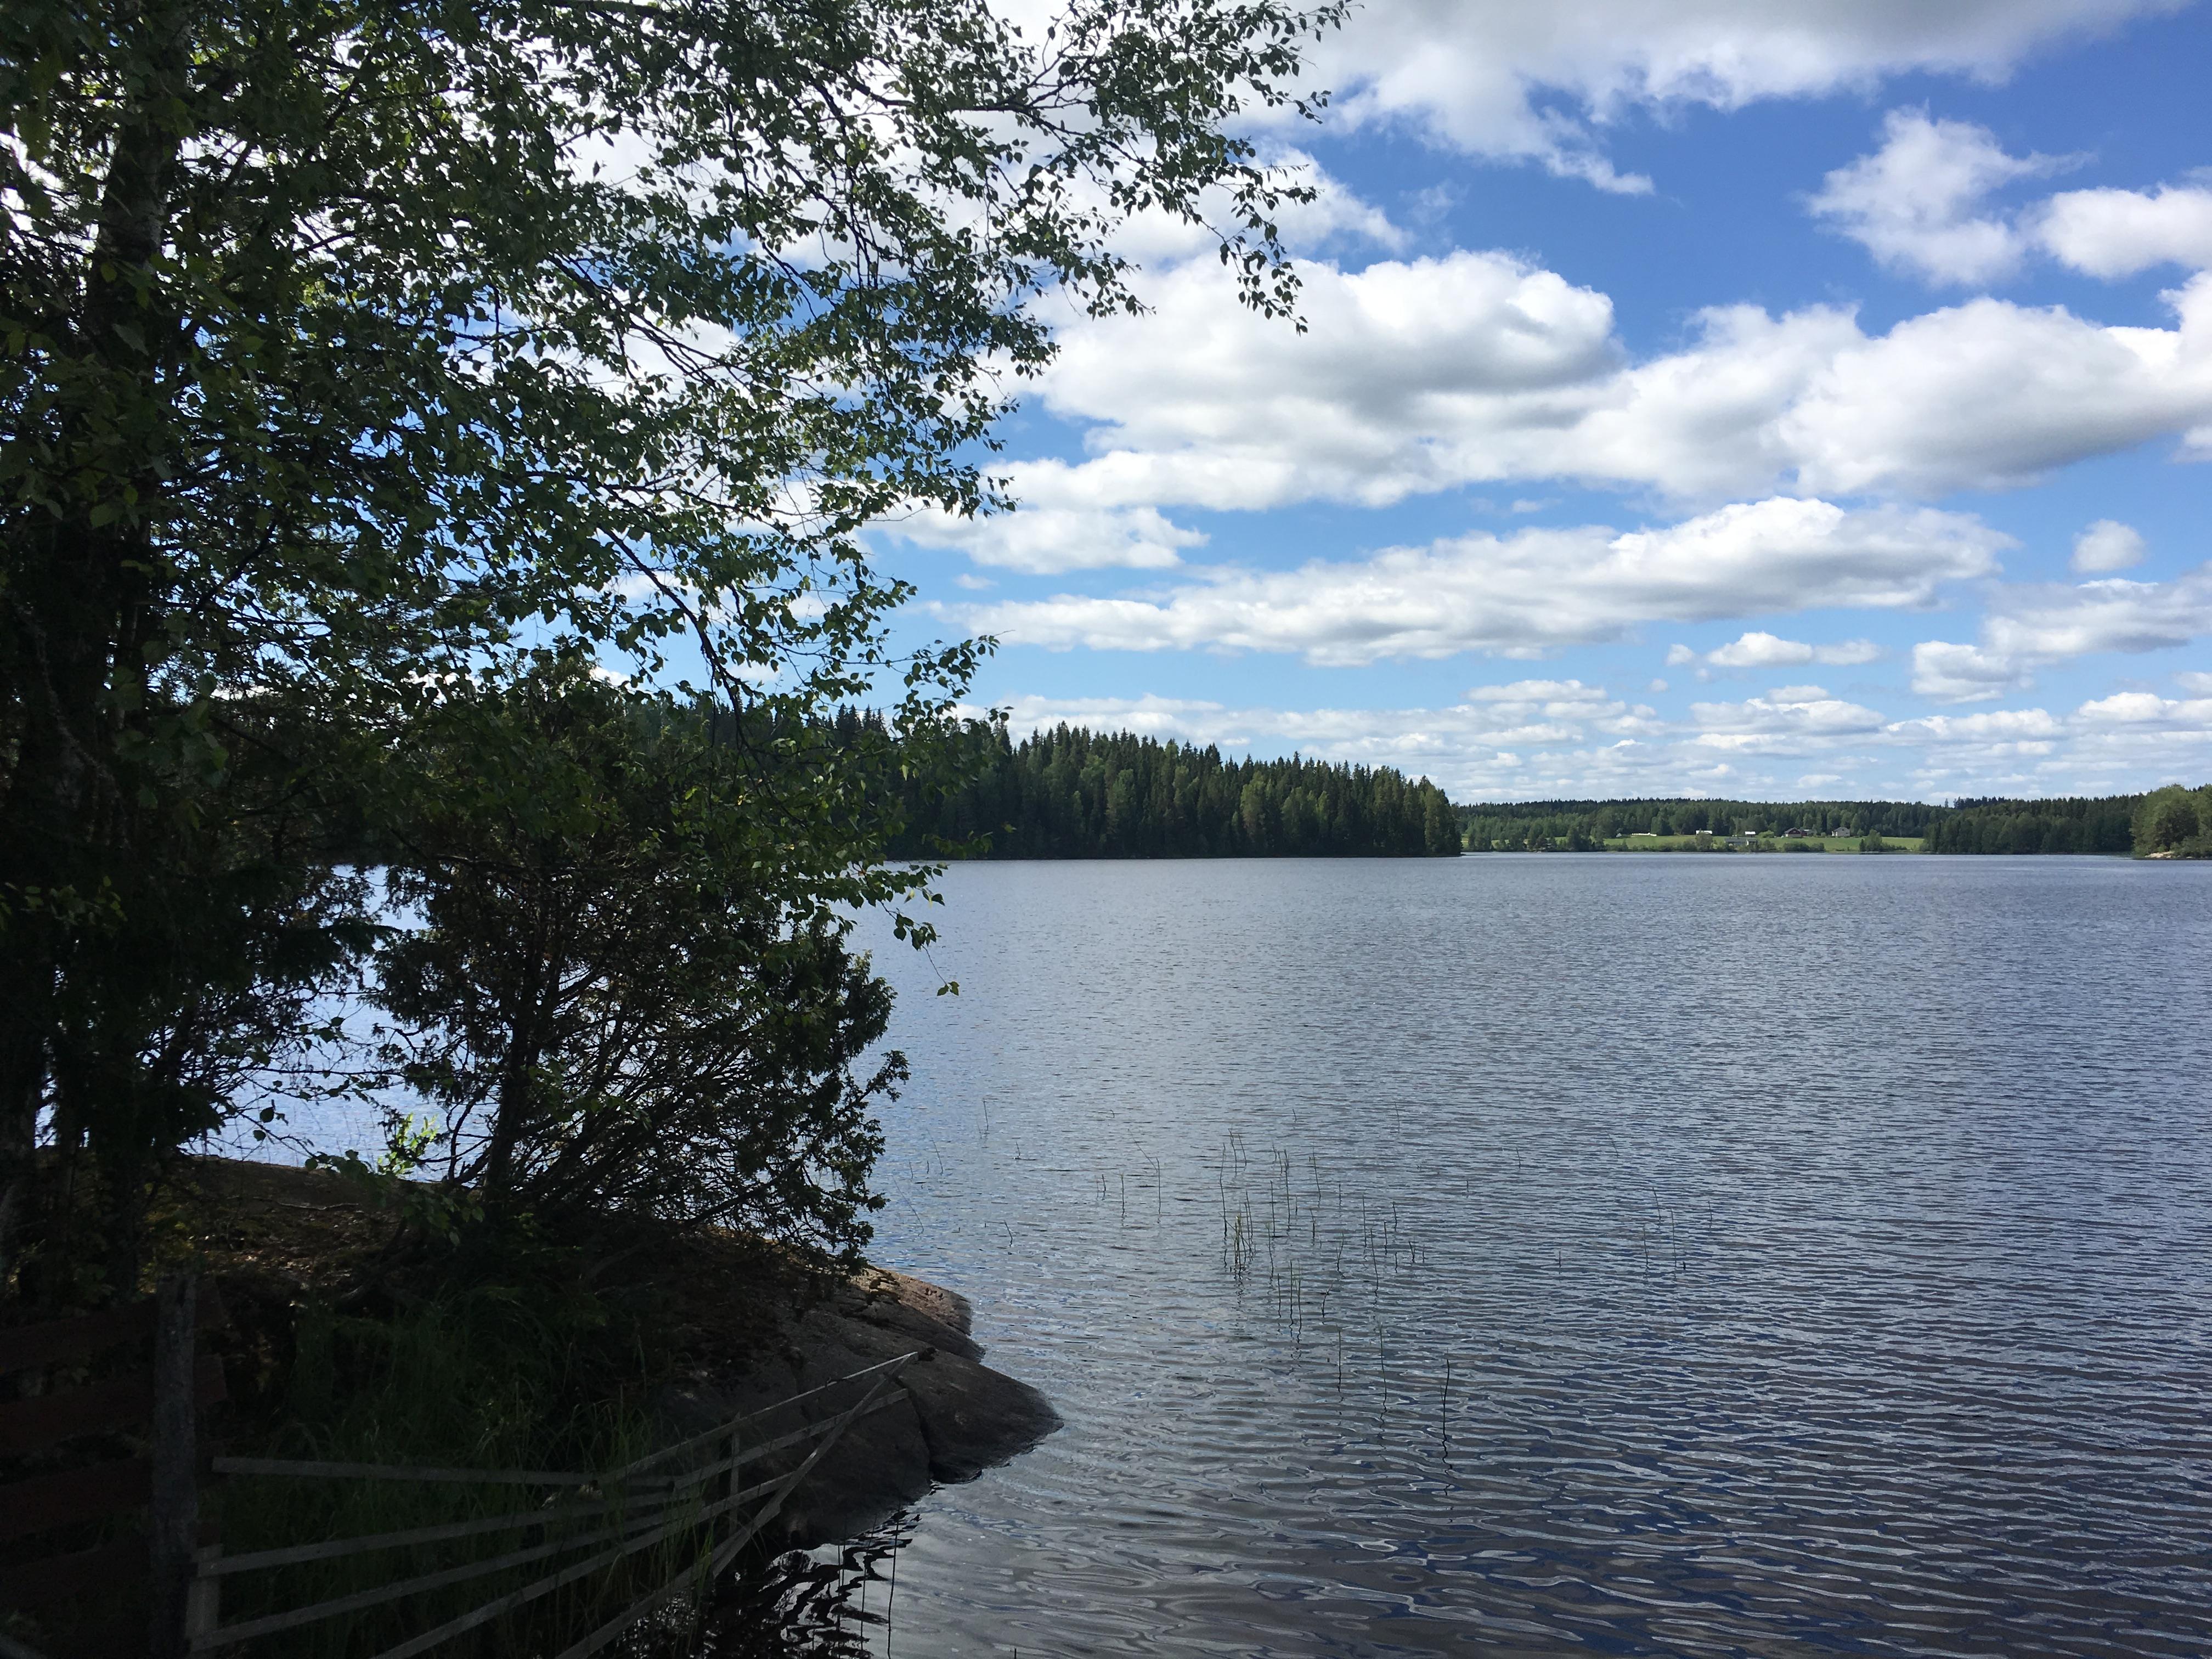 Jarvimaisema-Juhannus-kesa